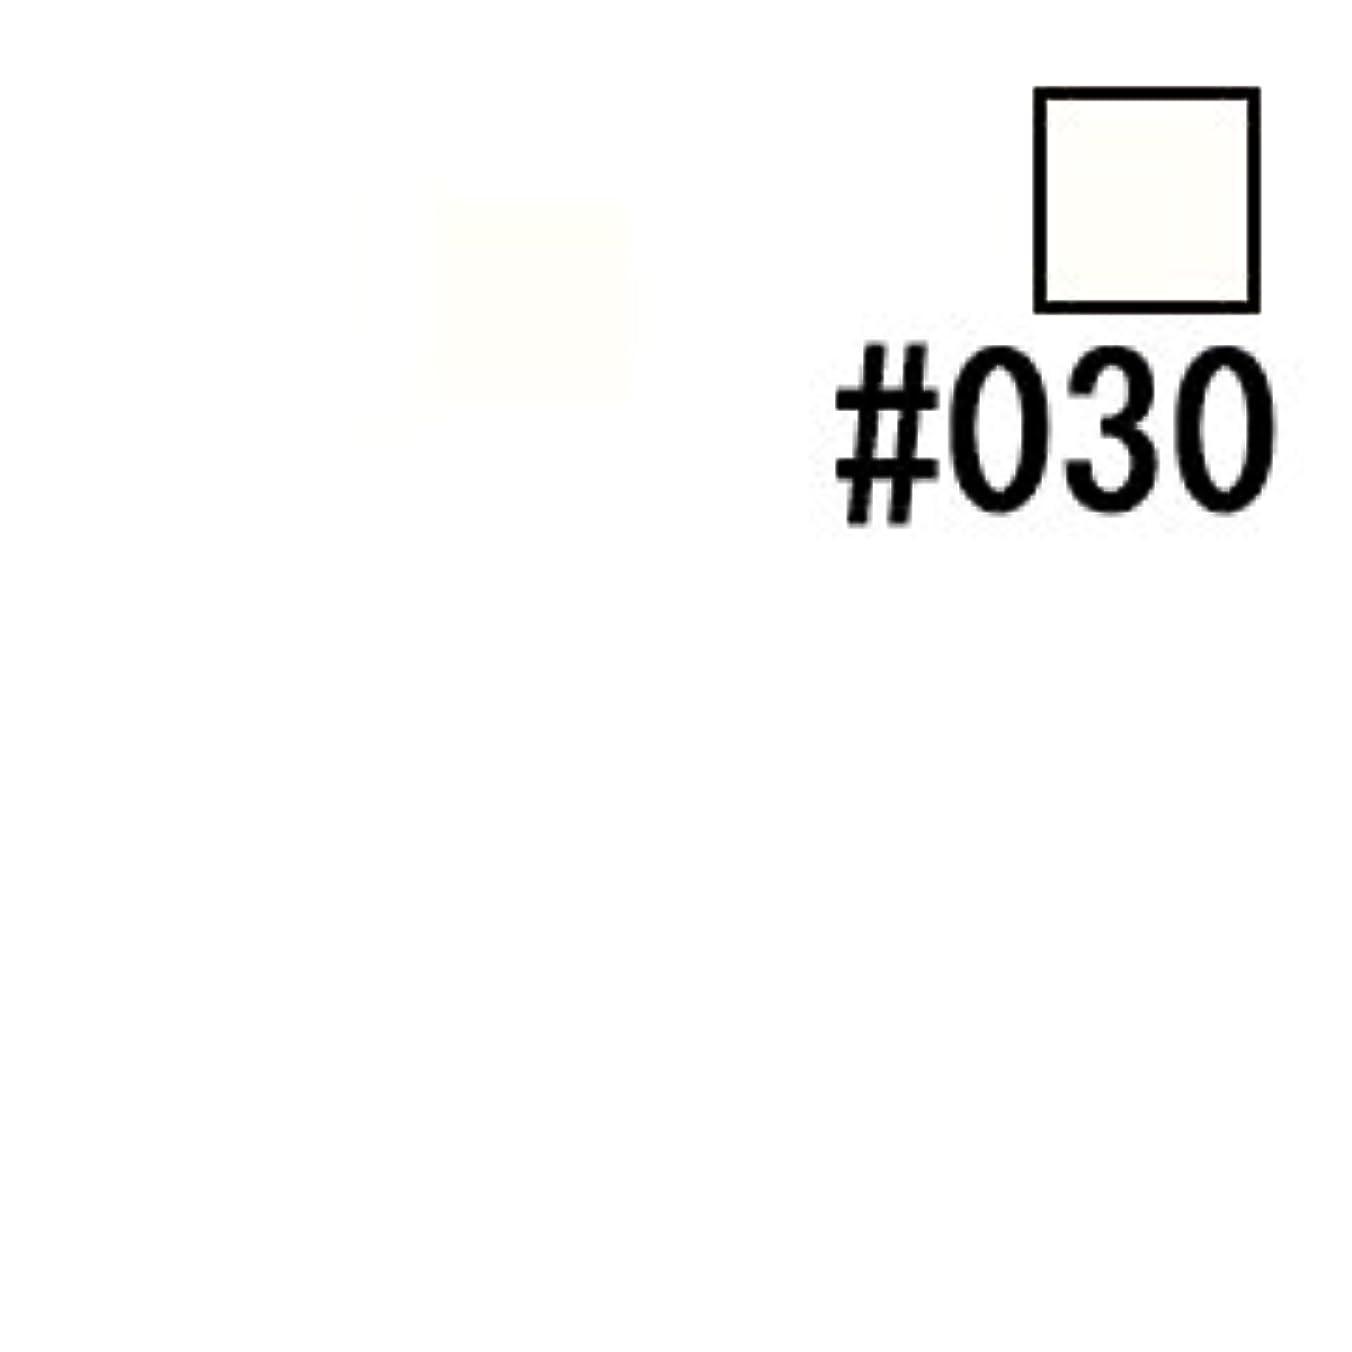 カトリック教徒アトミックアンプ【レブロン】パヒューマリー センティド ネイルエナメル #030 11.7ml [並行輸入品]